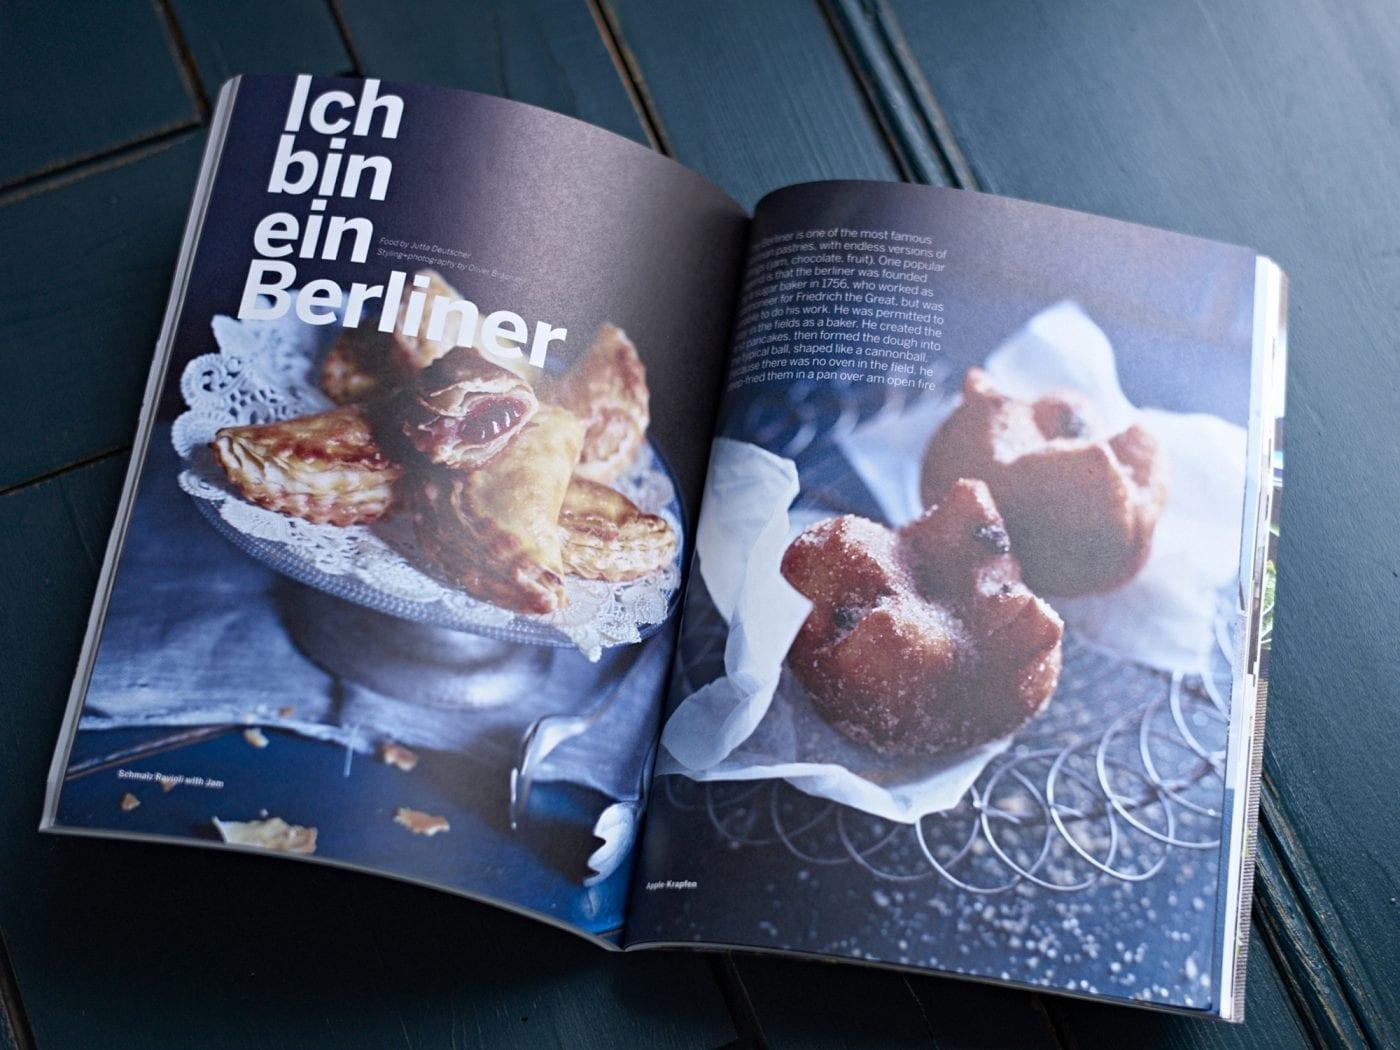 Sweet Paul Magazine Spring 2015 – Innenseite – Ich bin ein Berliner